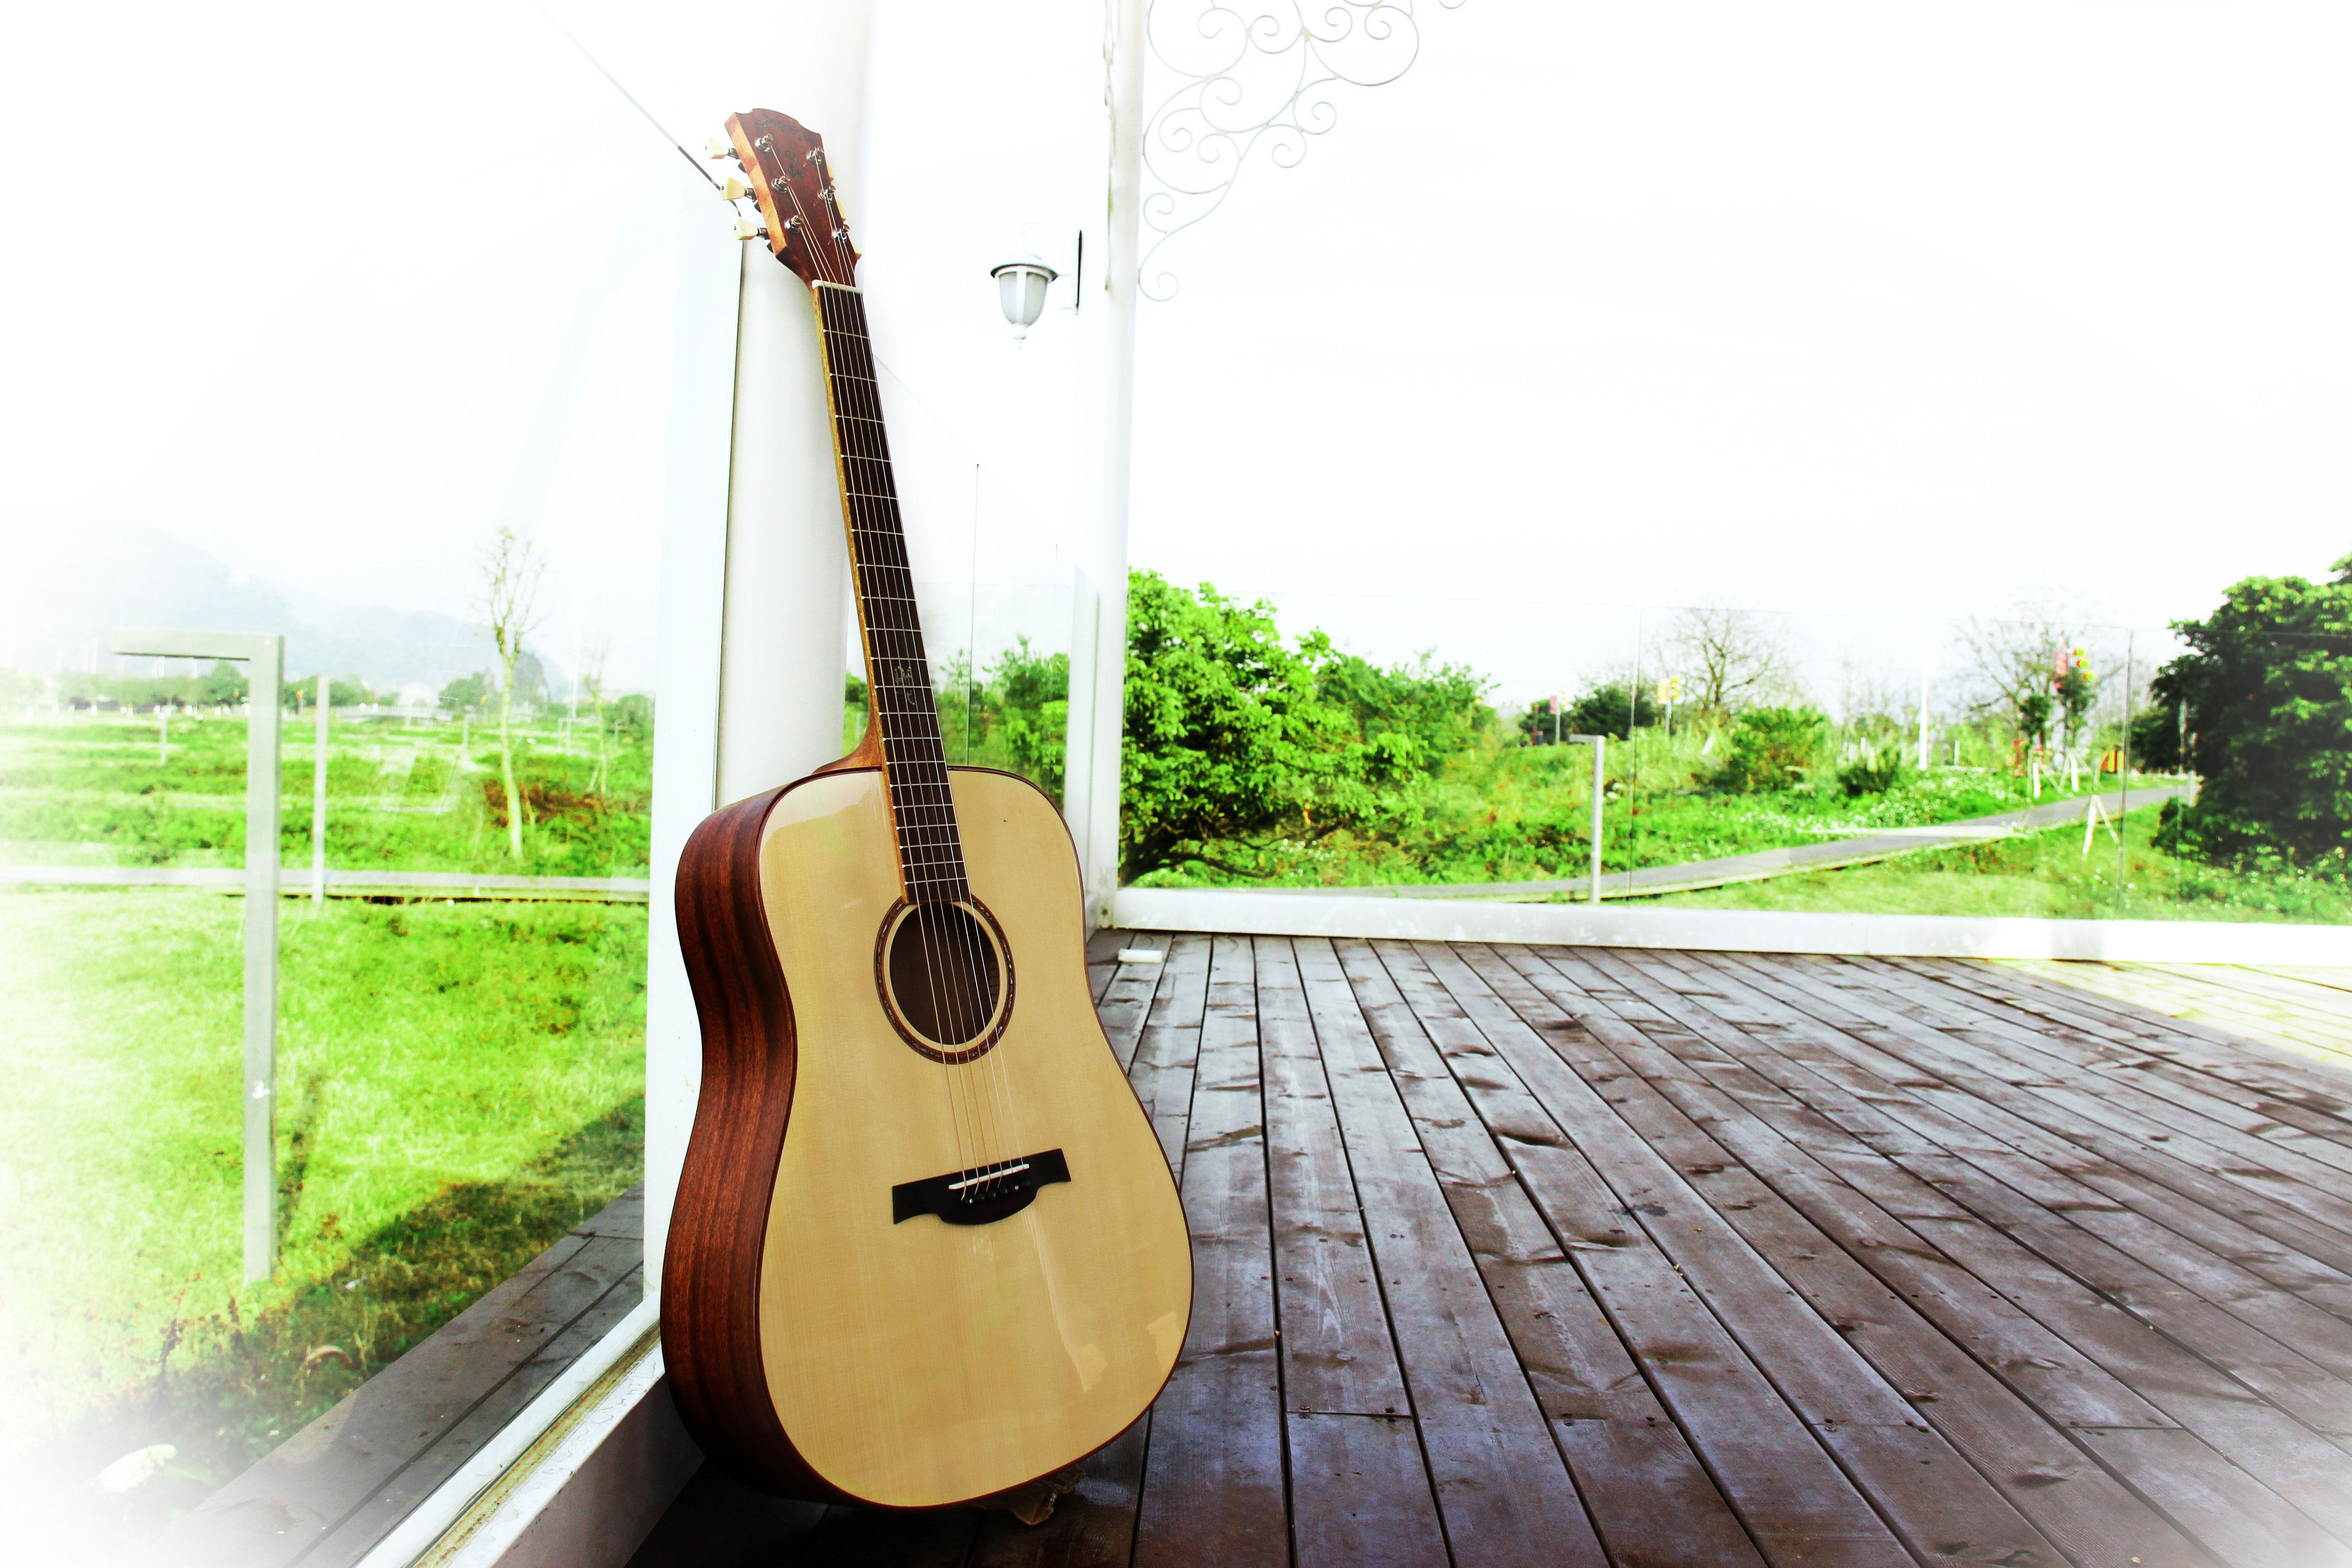 由于每一种木材的特性不同,其对吉他结构的物理稳定性和声音的  振动